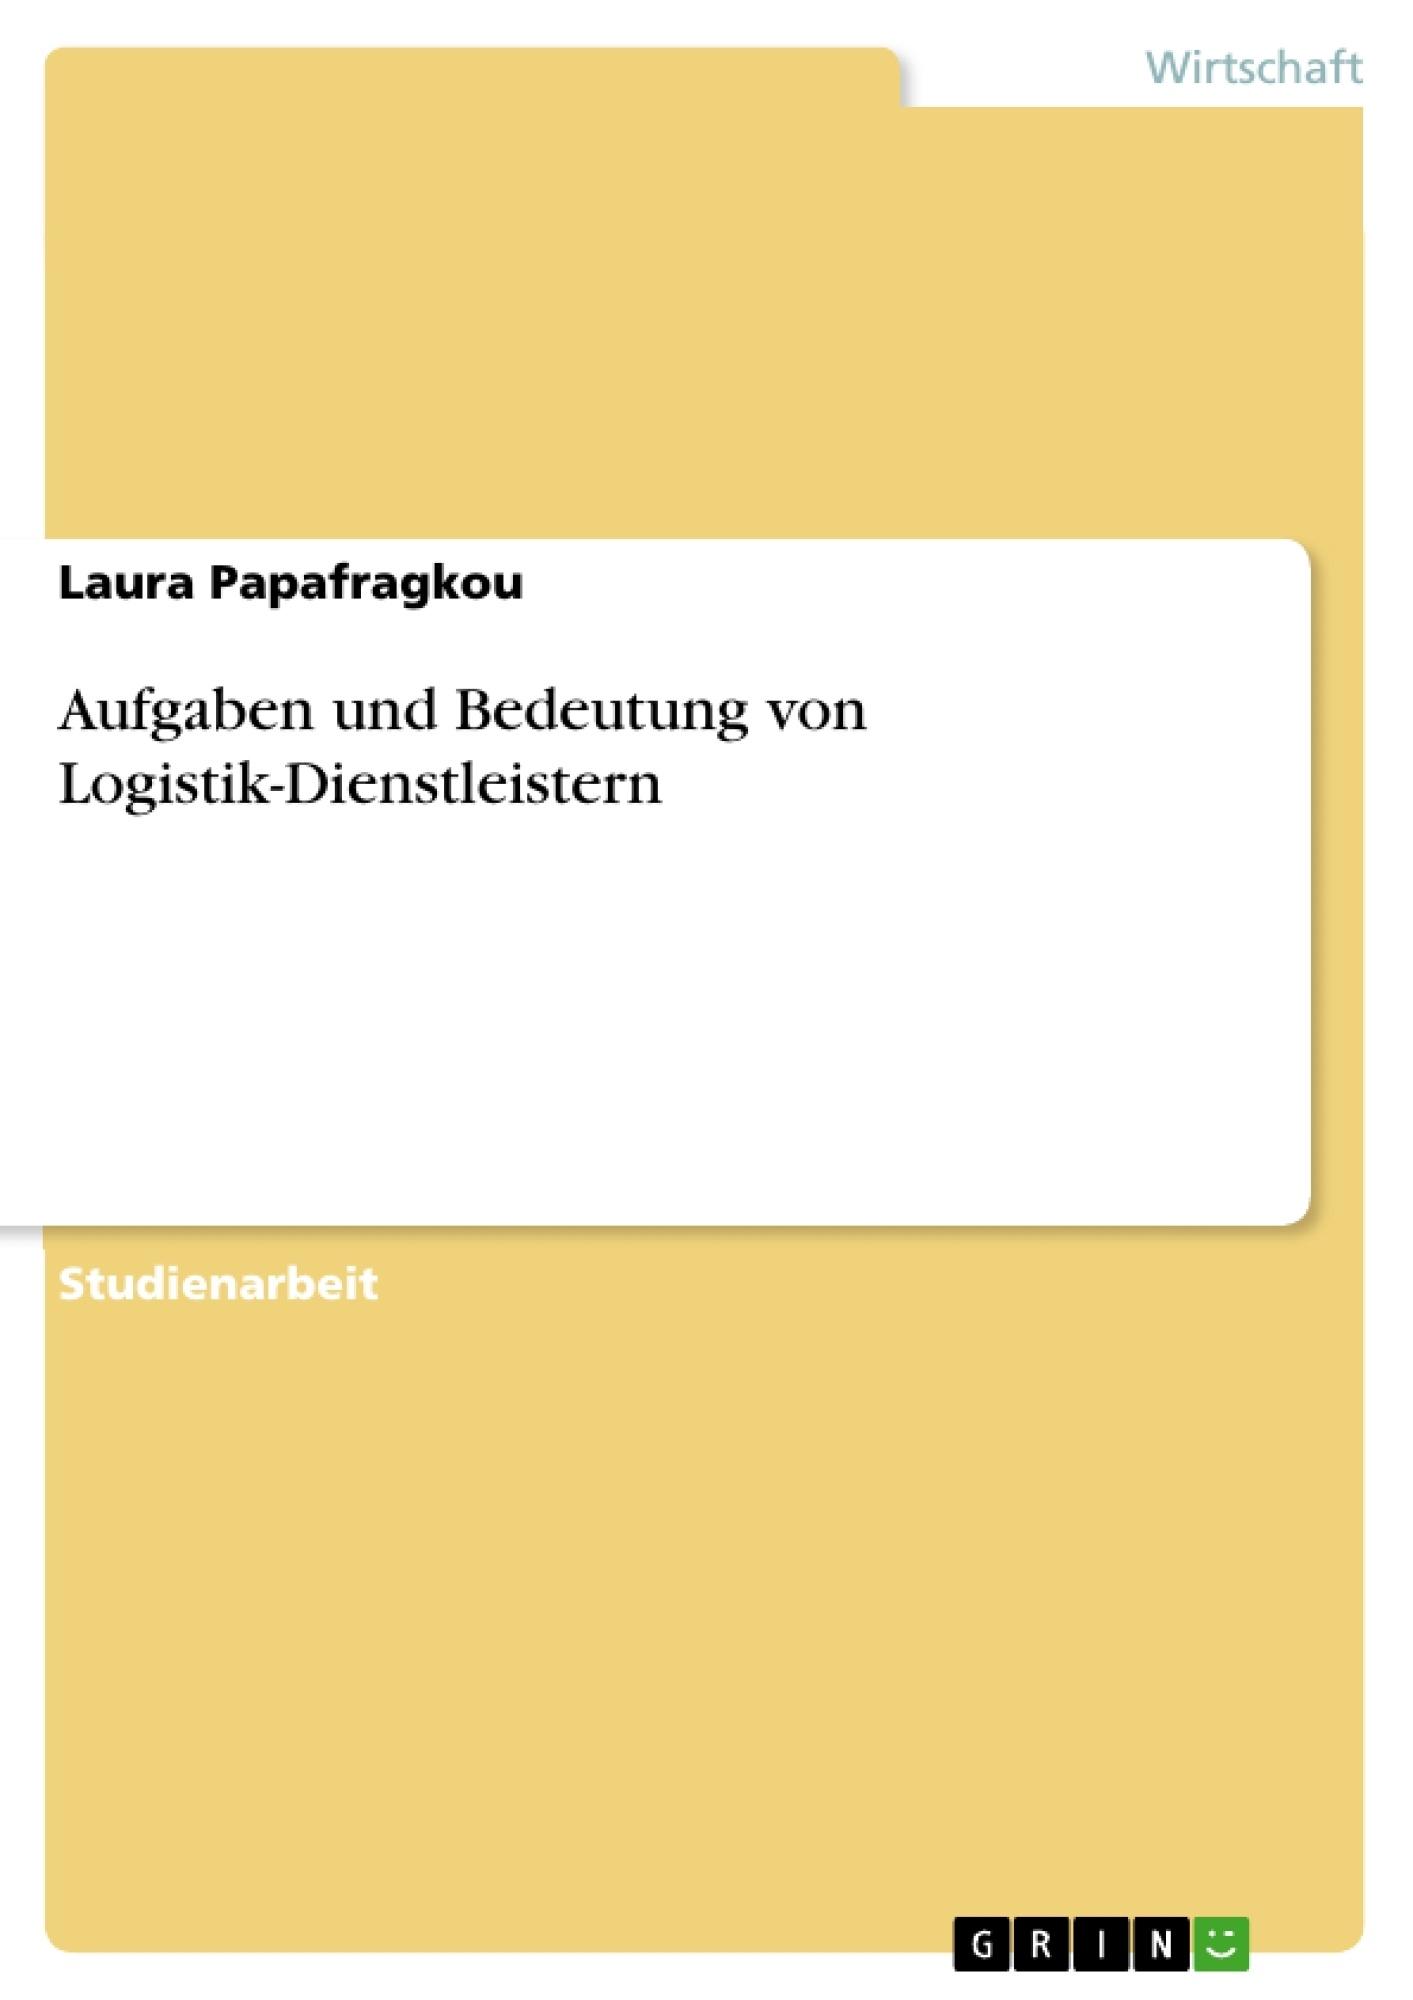 Titel: Aufgaben und Bedeutung von Logistik-Dienstleistern